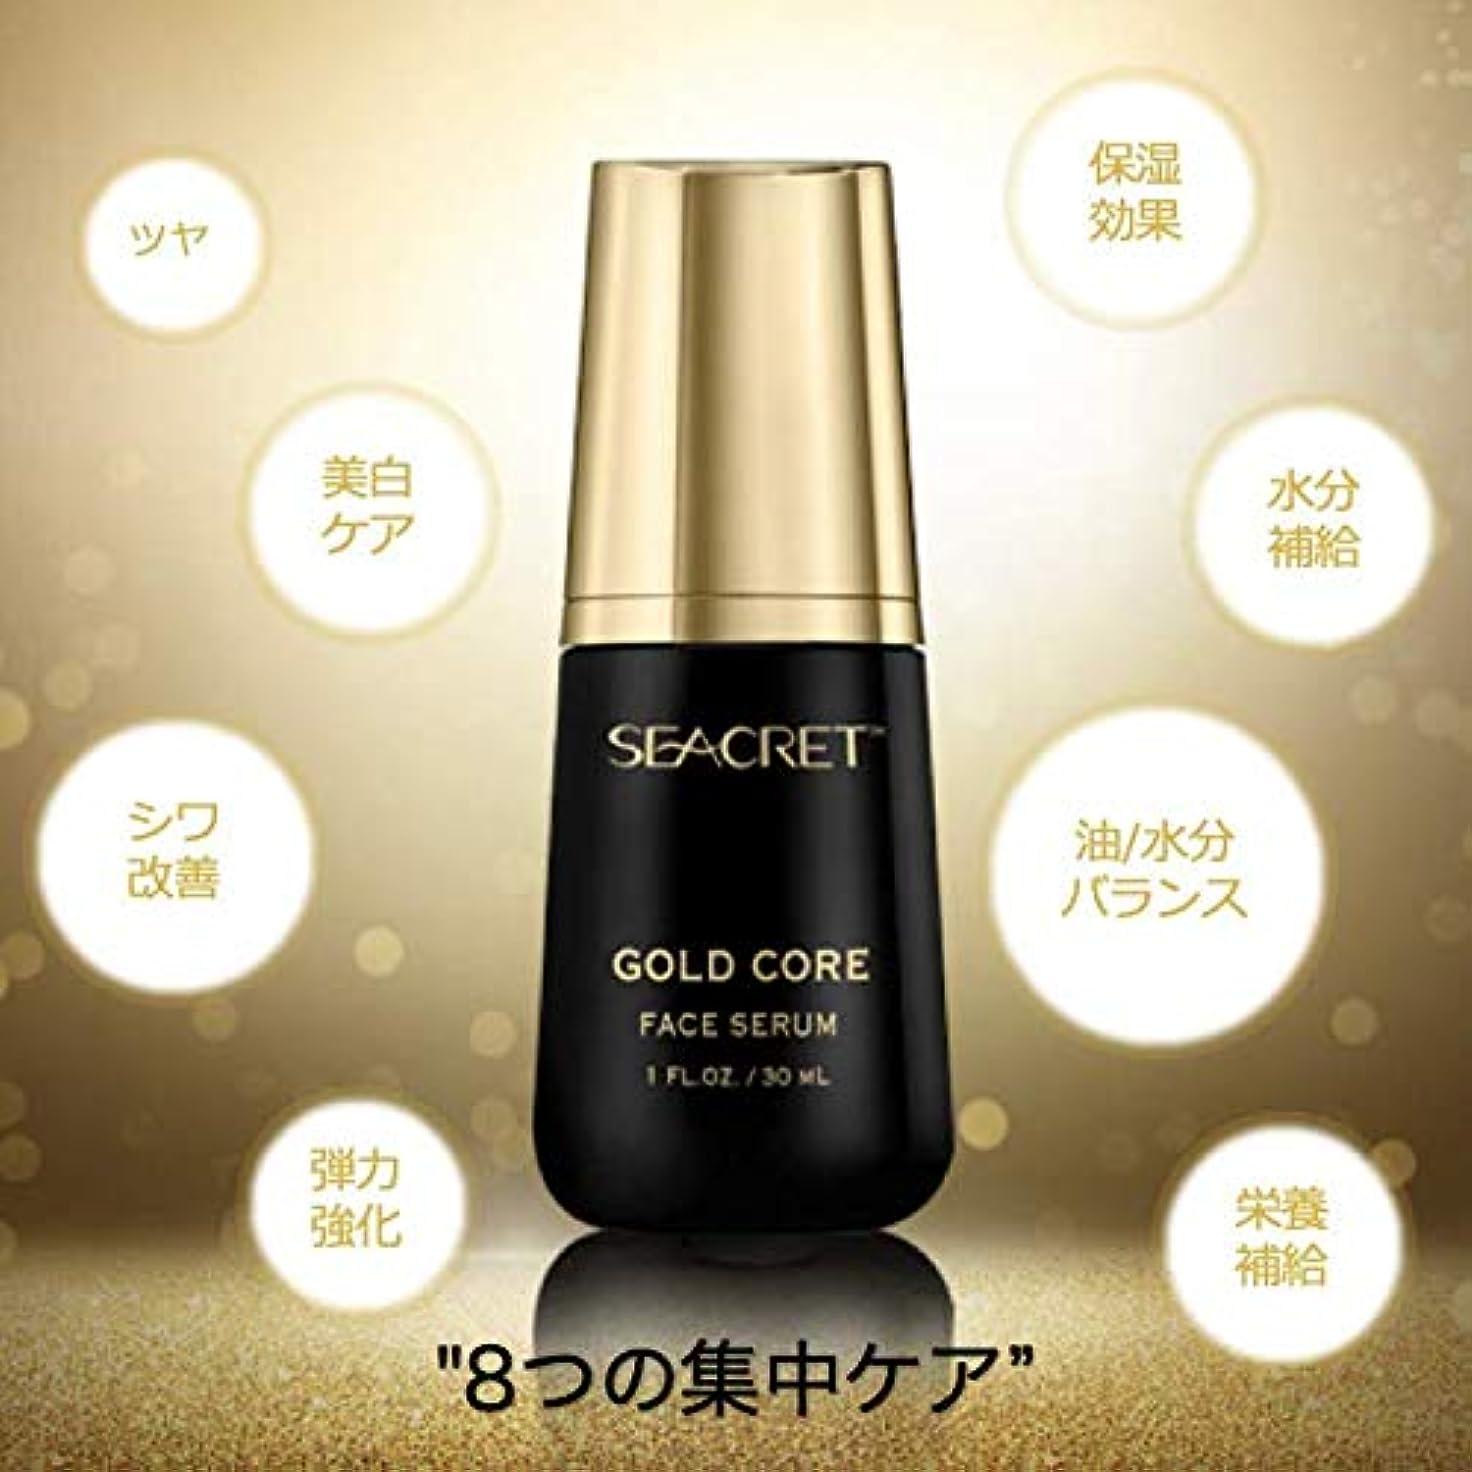 ミュージカルライトニング識別SEACRET(シークレット) 24K金 タイムレスフェイスセーラム GOLD CORE TIMELESS FACE SERUM 30ML